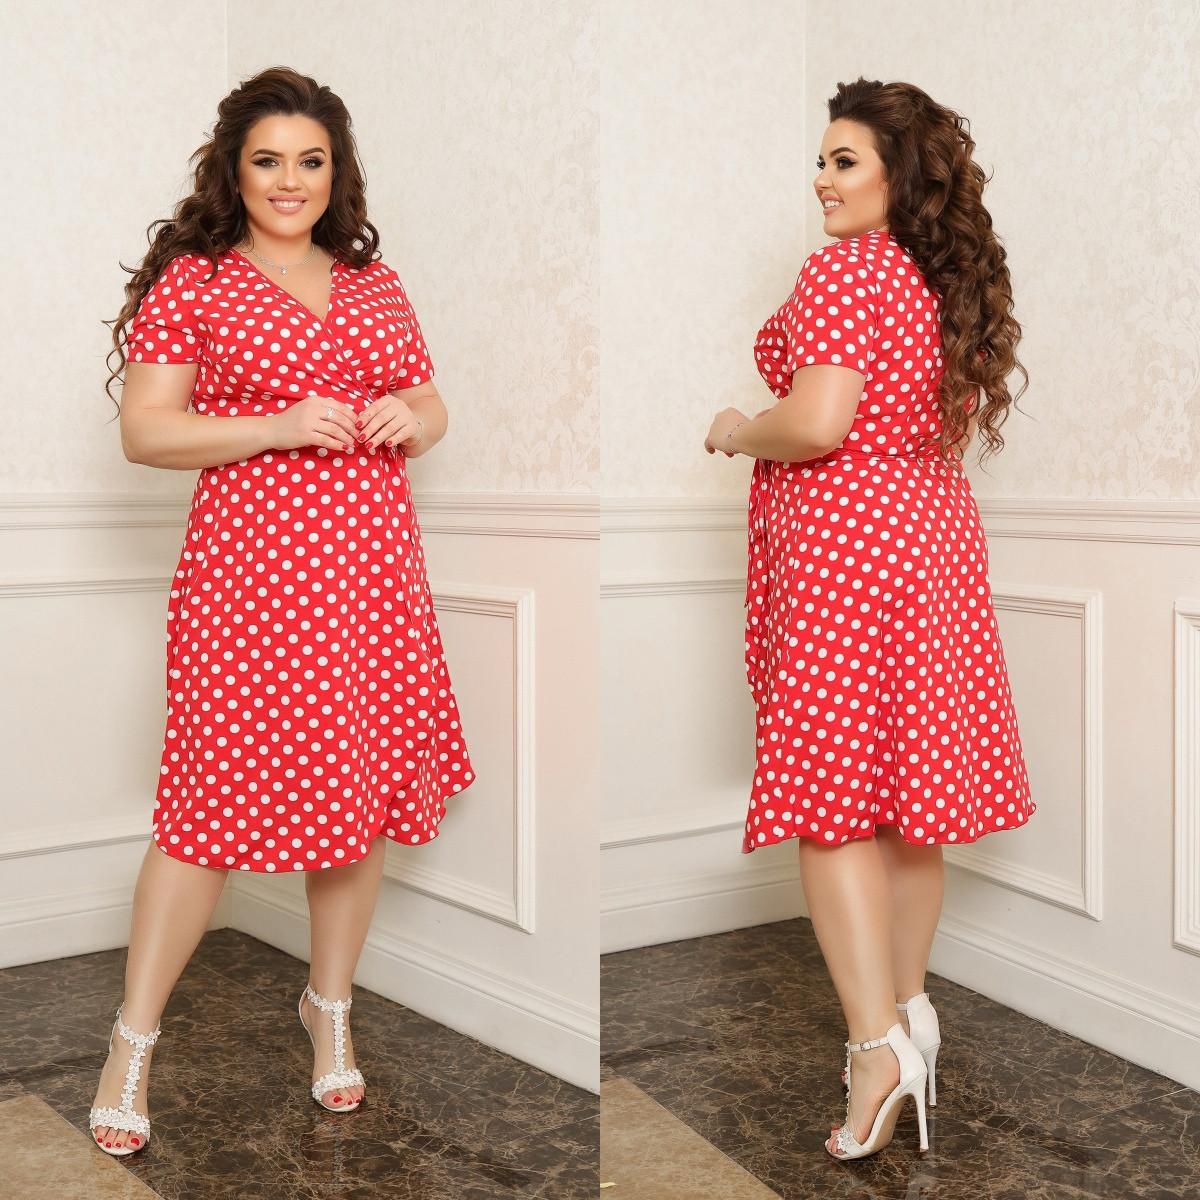 Жіноче плаття на запах в горох тканина софт принт до колін розмір: 44-46, 48-50, 52-54, 56-58